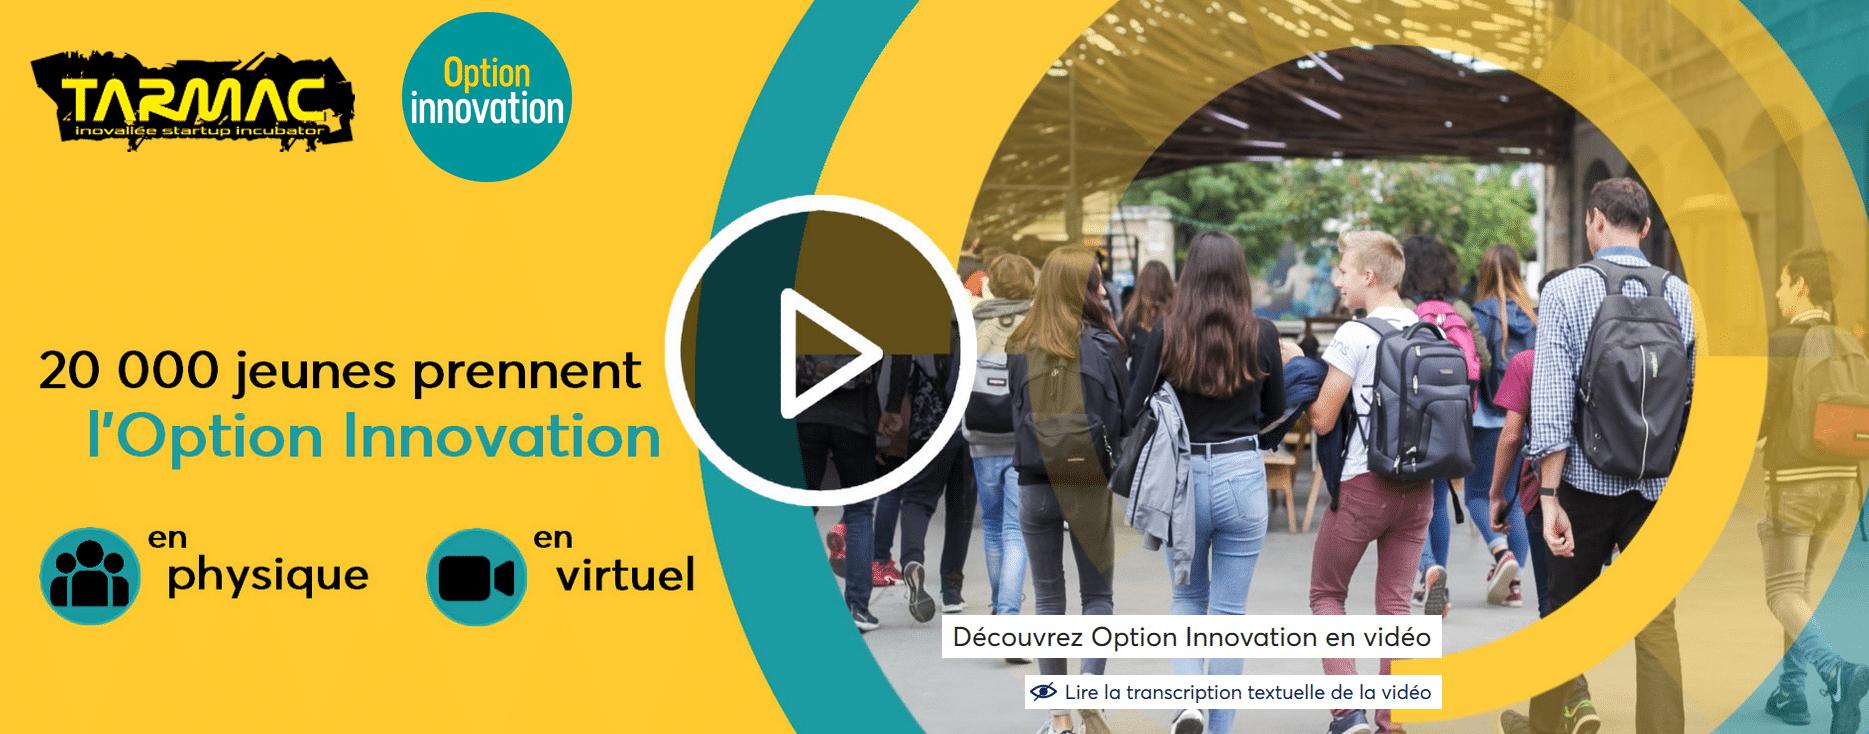 Sensibilisation à l'entrepreneuriat : Le Tarmac participe au programme national Option innovation aux côtés de Digital League